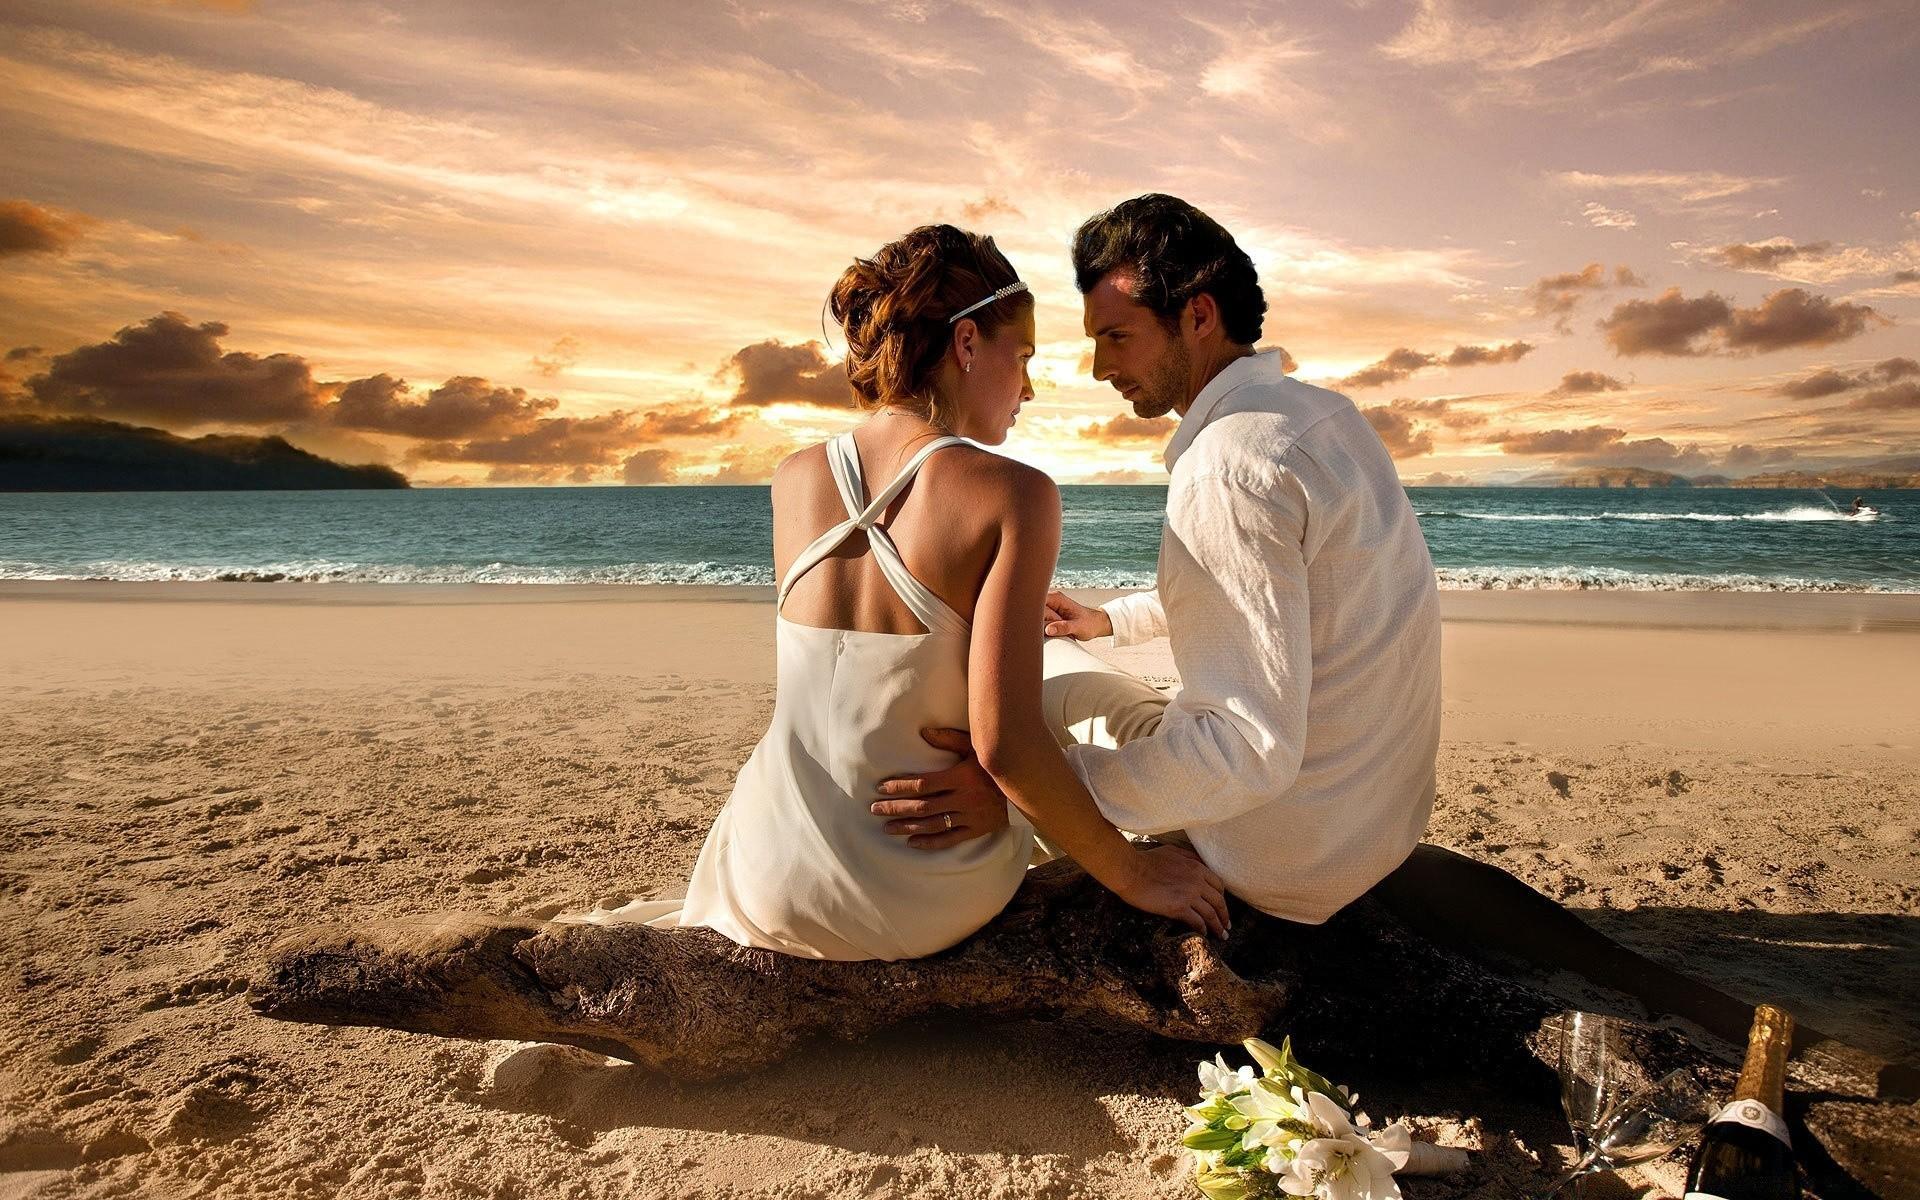 Картинки с днем романтики